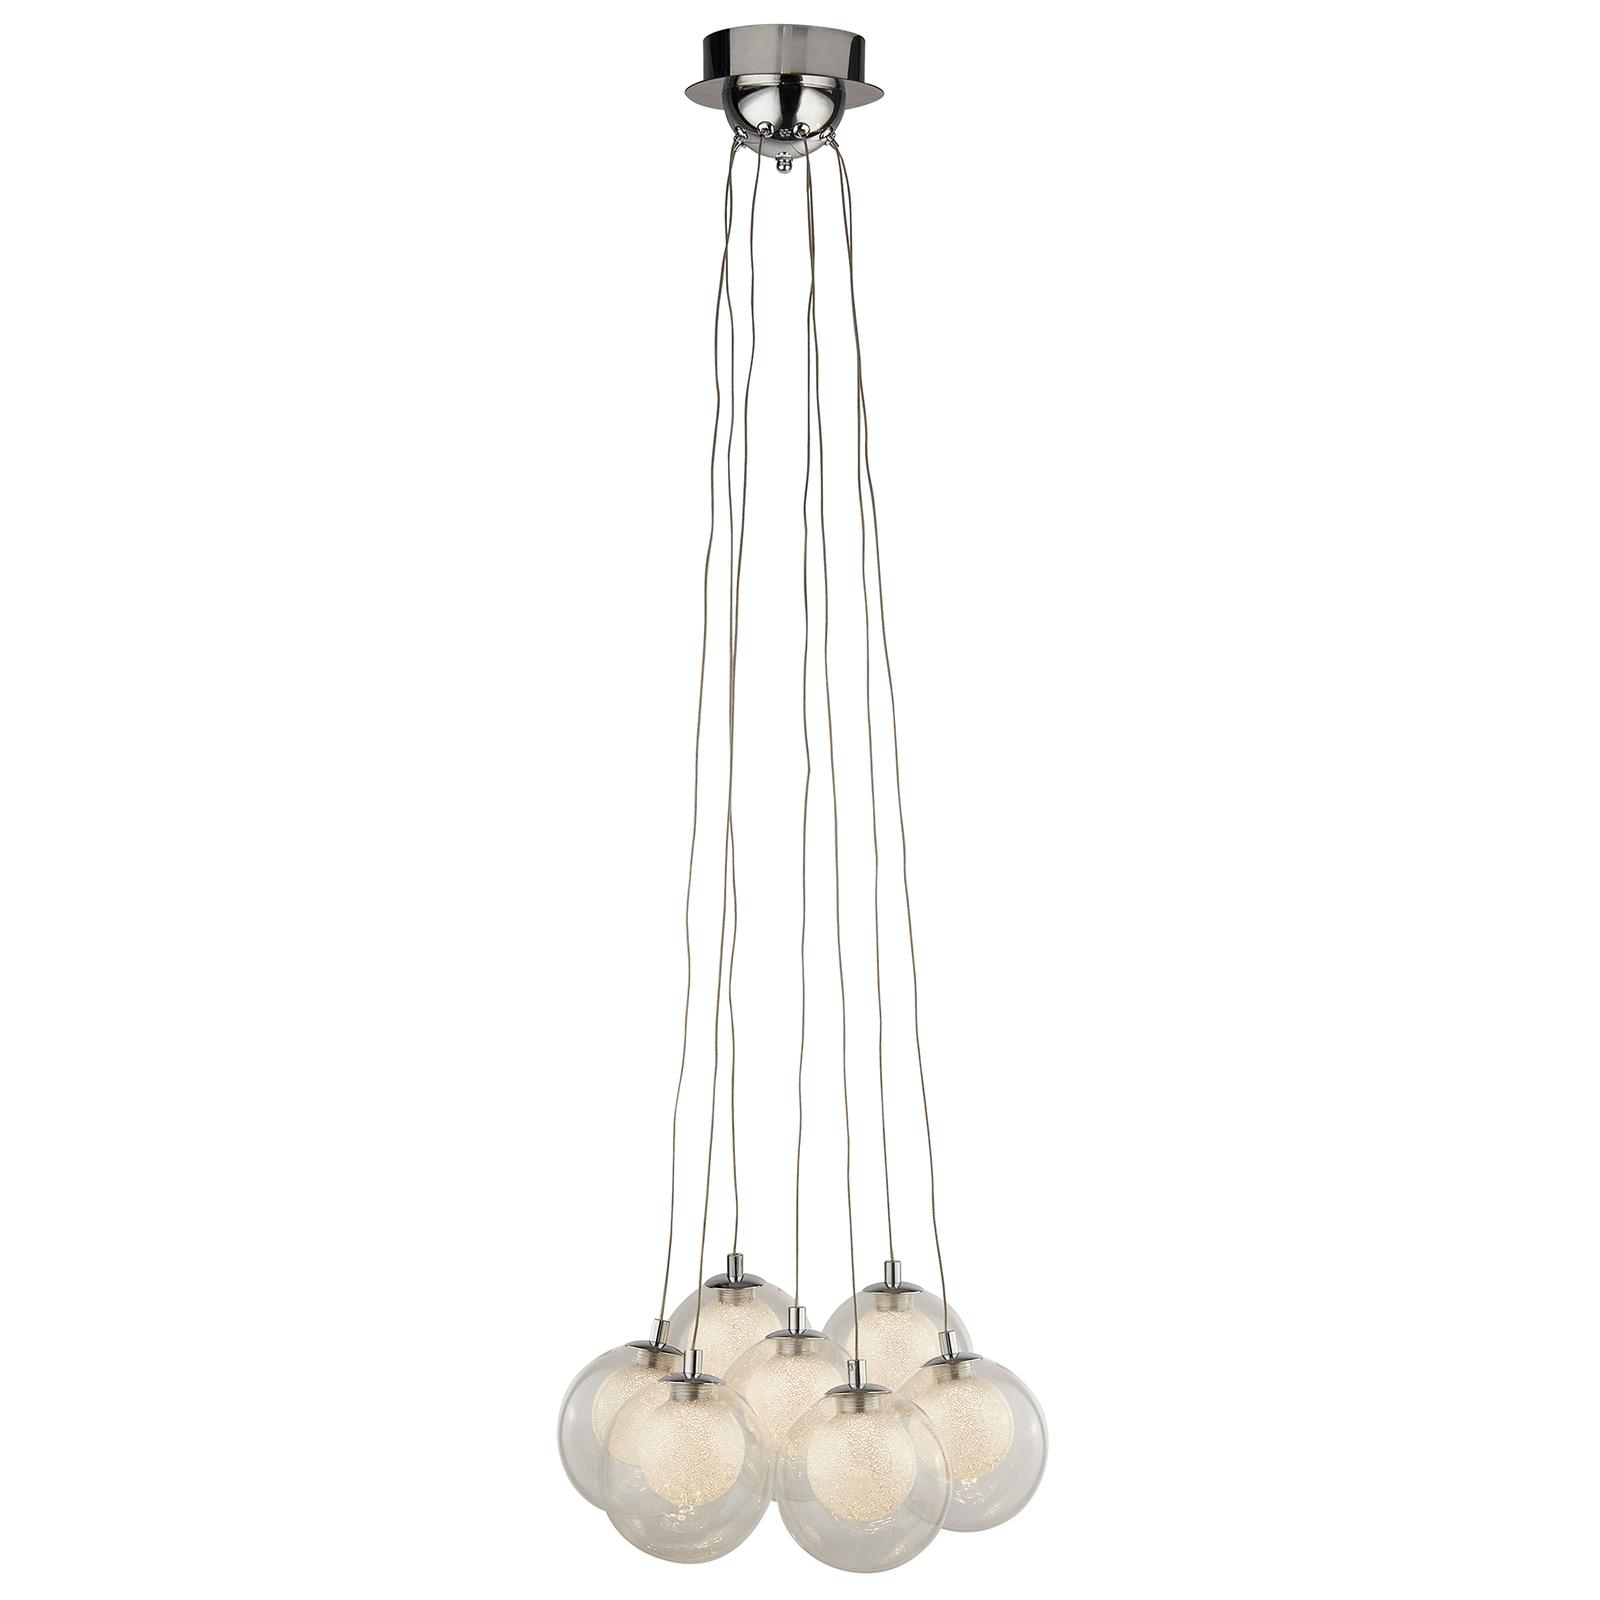 Cluster LED-hængelampe, 7 lyskilder